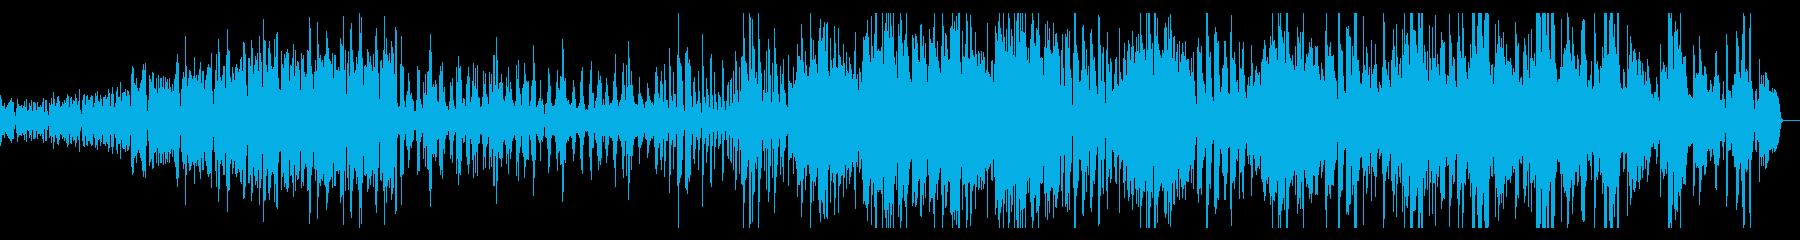 軽快なストリングス曲の再生済みの波形